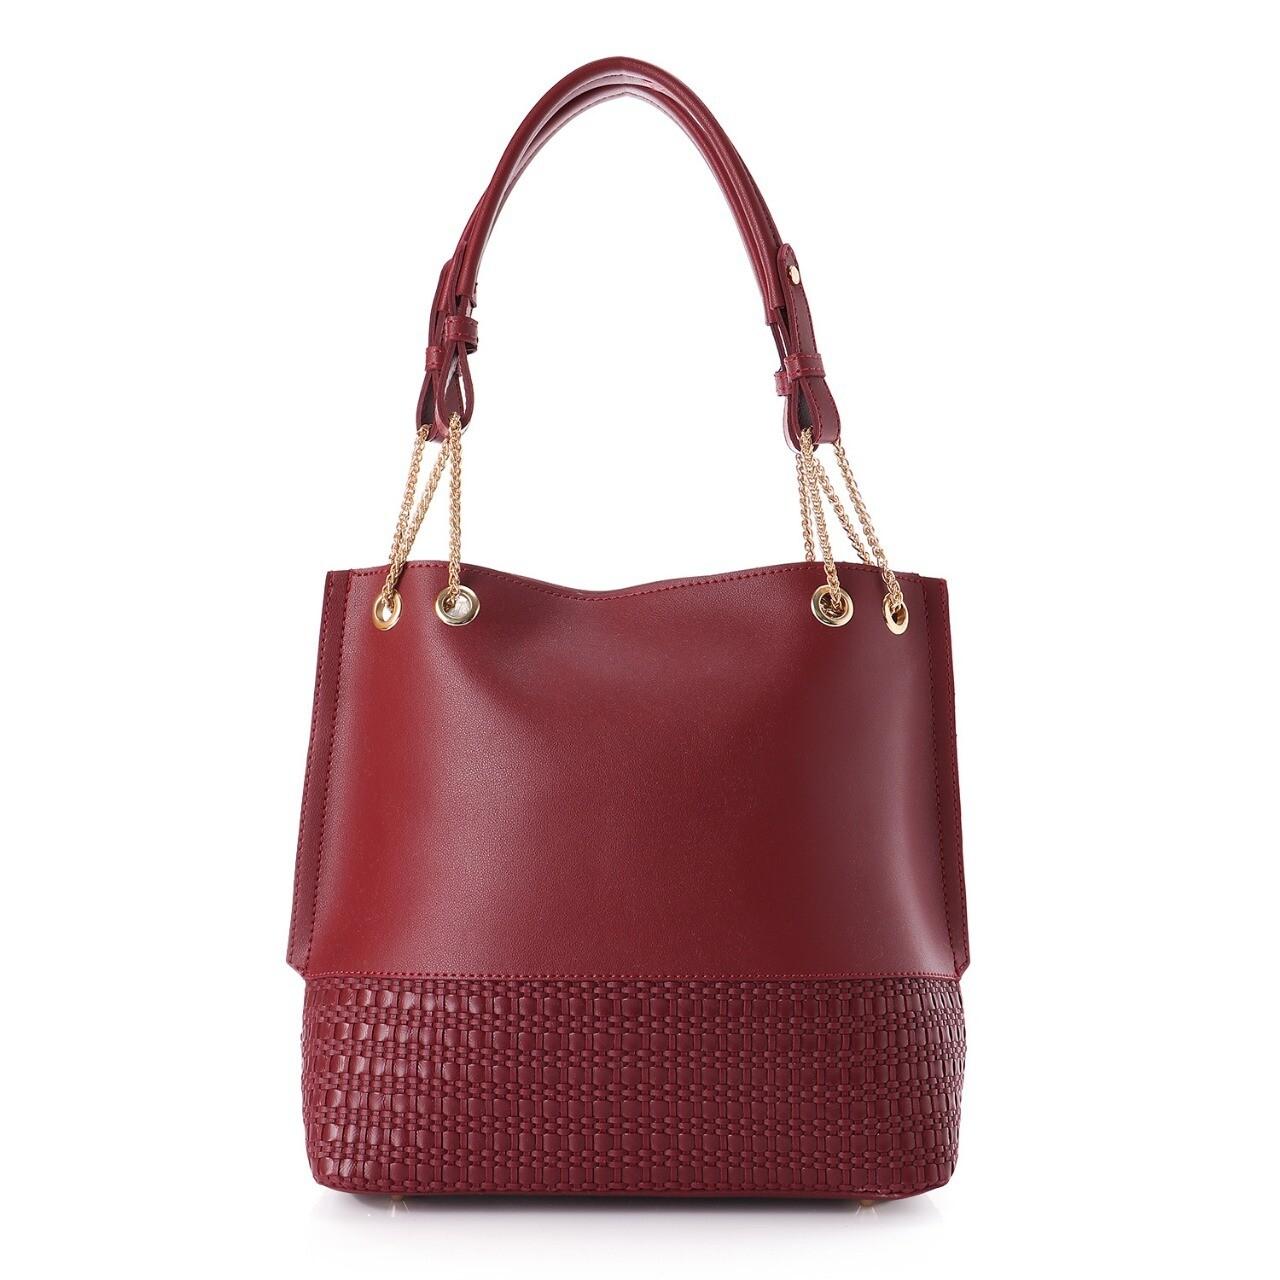 4832 Bag burgundy